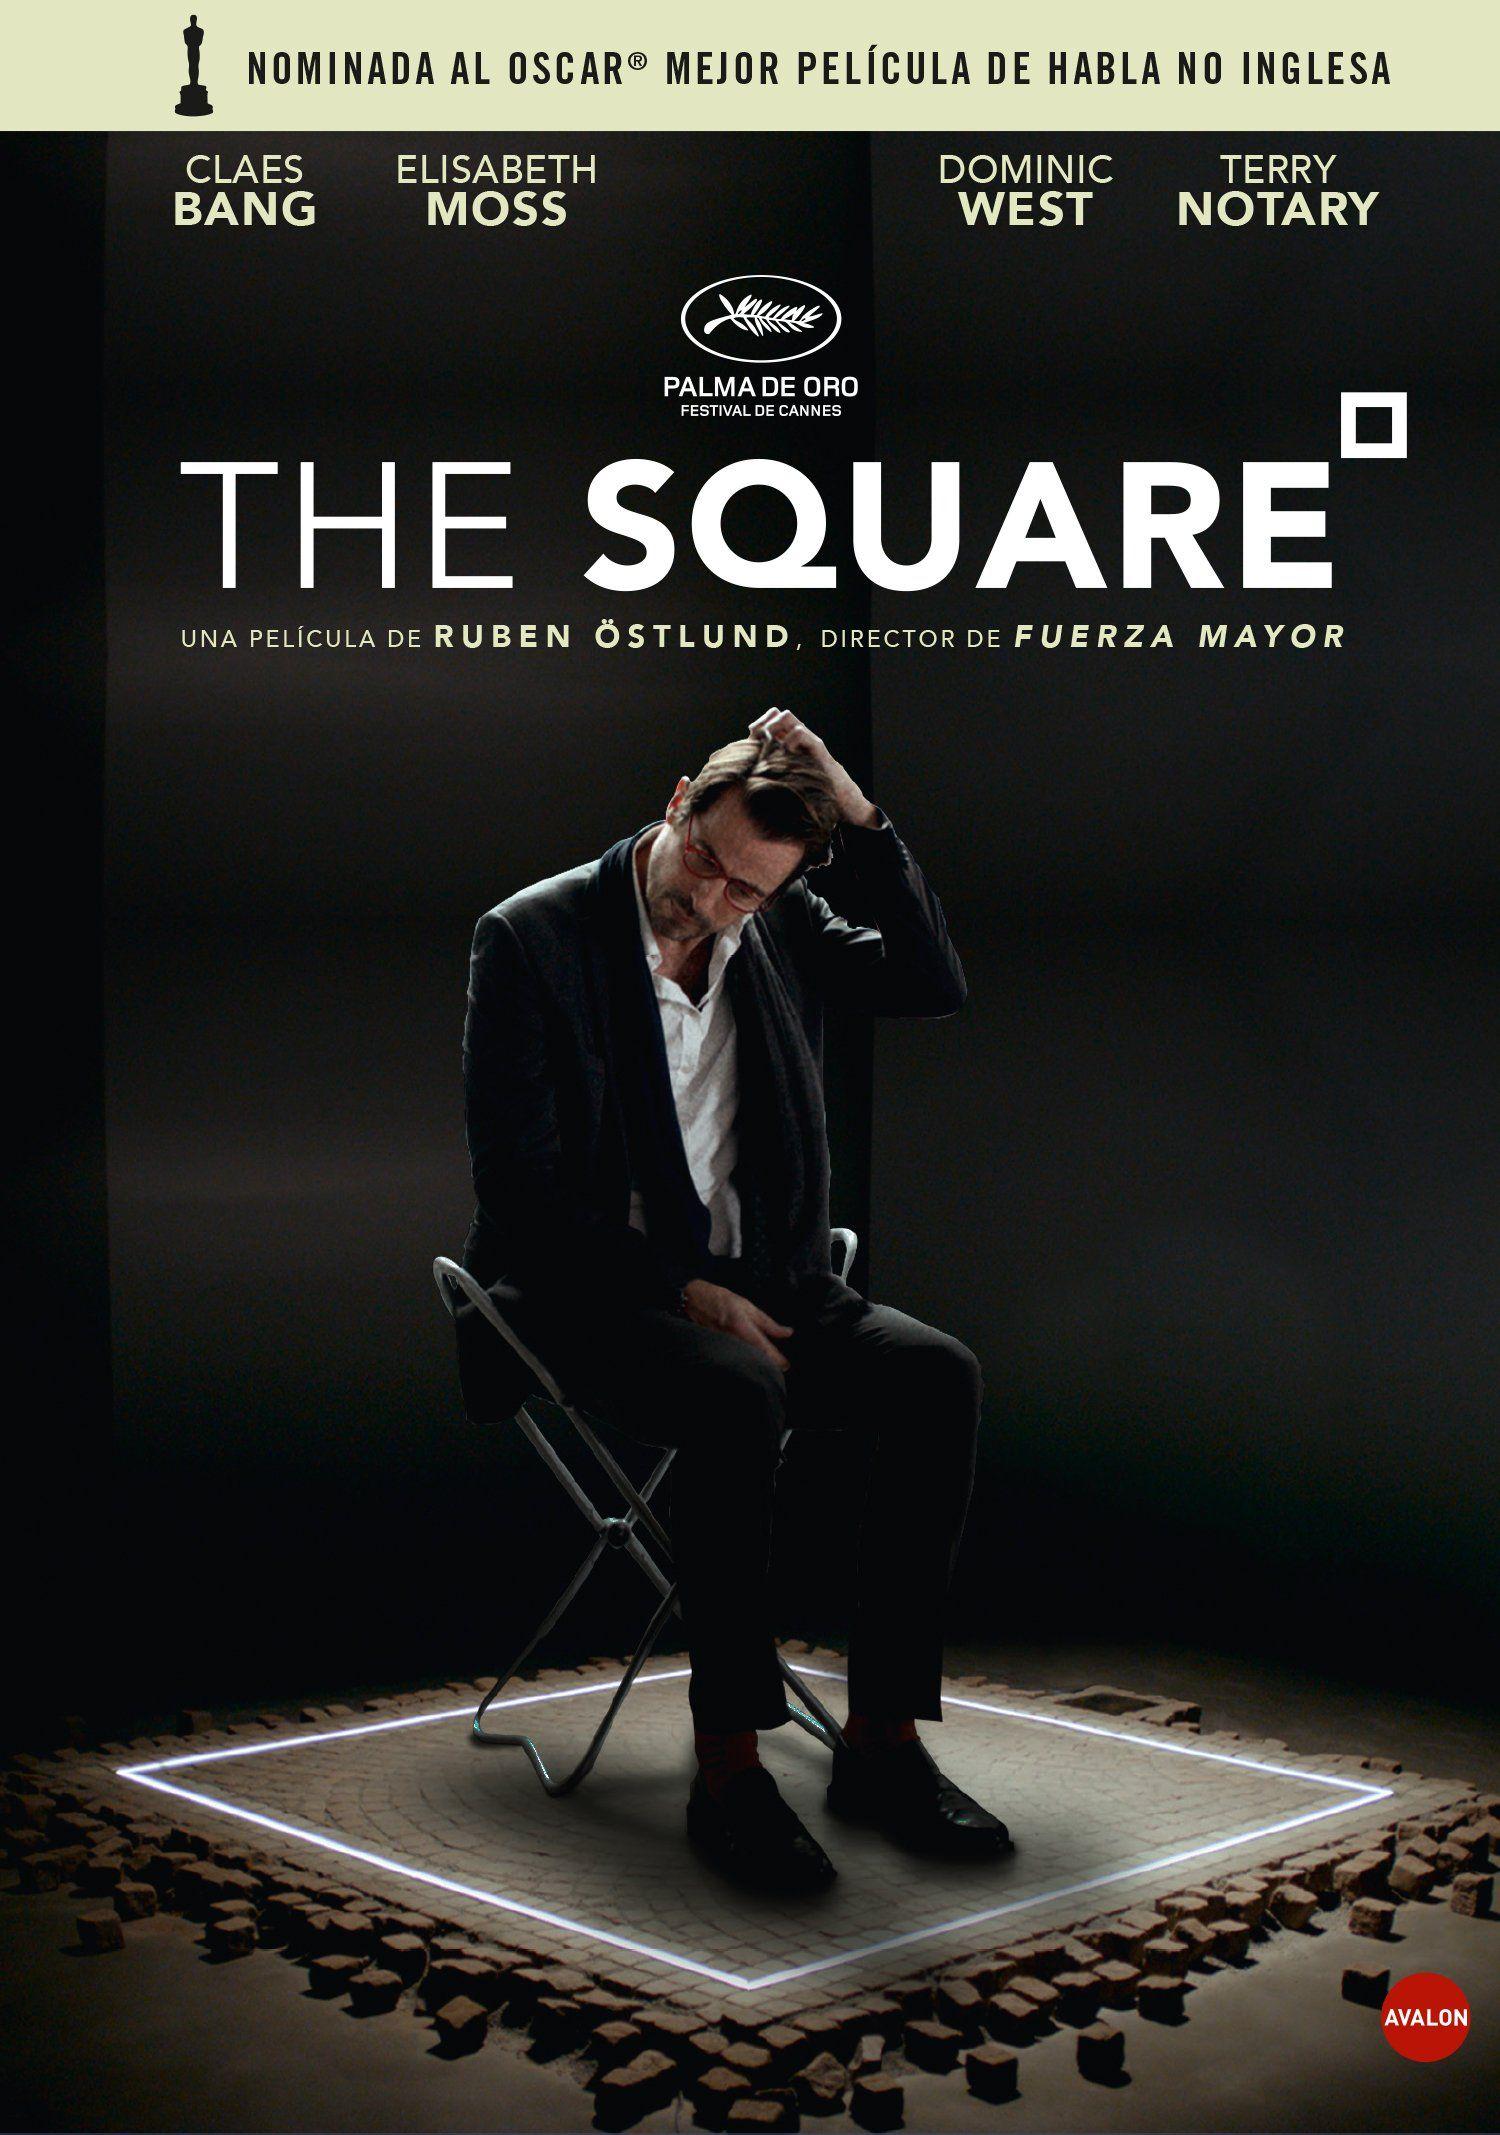 The Square Dvd Square Dvd Oscar Mejor Pelicula Peliculas Buenas Peliculas